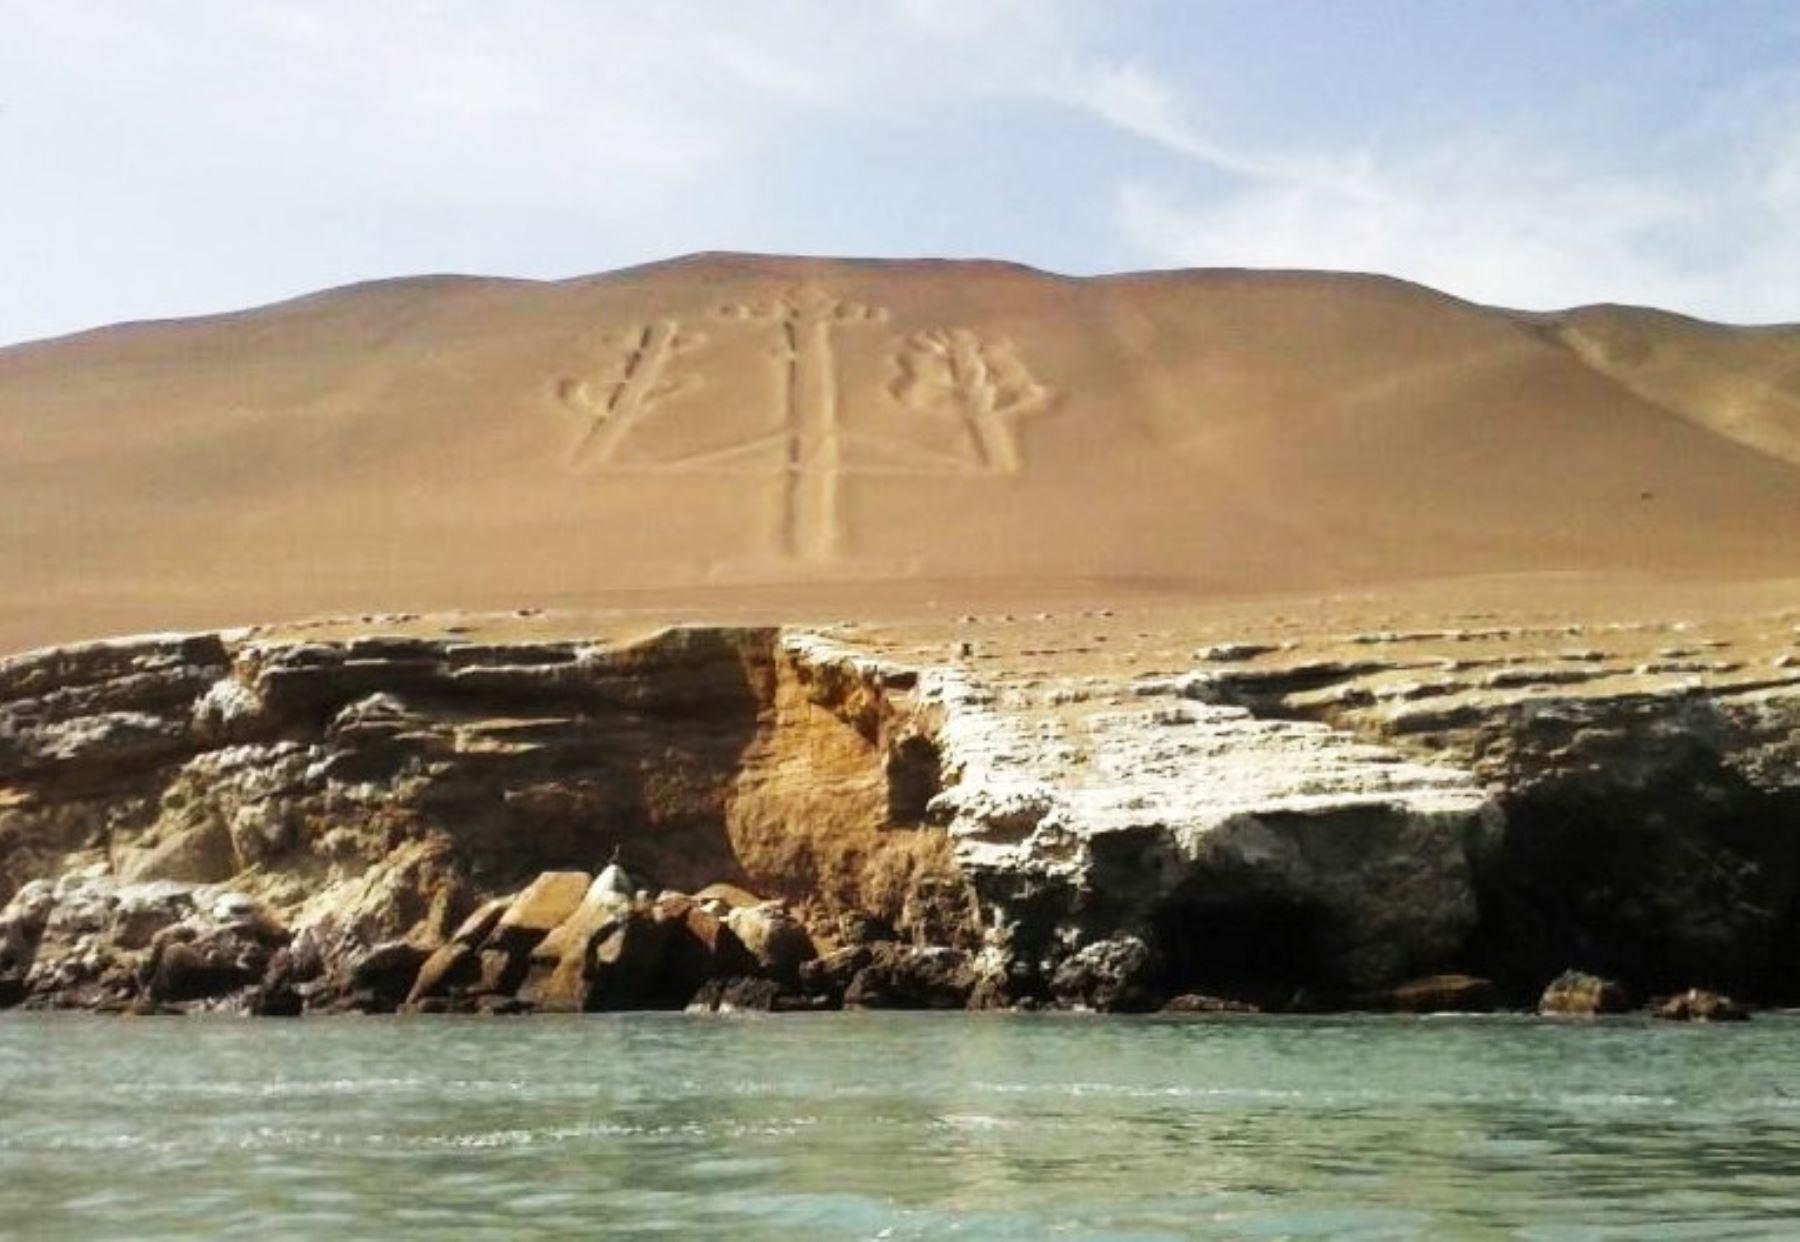 """El Candelabro es un geoglifo llamado también """"Tres Cruces"""" o """"Tridente"""", es una gran formación rocosa de 120 metros de alto, erosionada por el viento y por el mar. Se ubica en la ladera de una loma de arena y puede observarse a cierta distancia desde el mar. ANDINA/Difusión"""